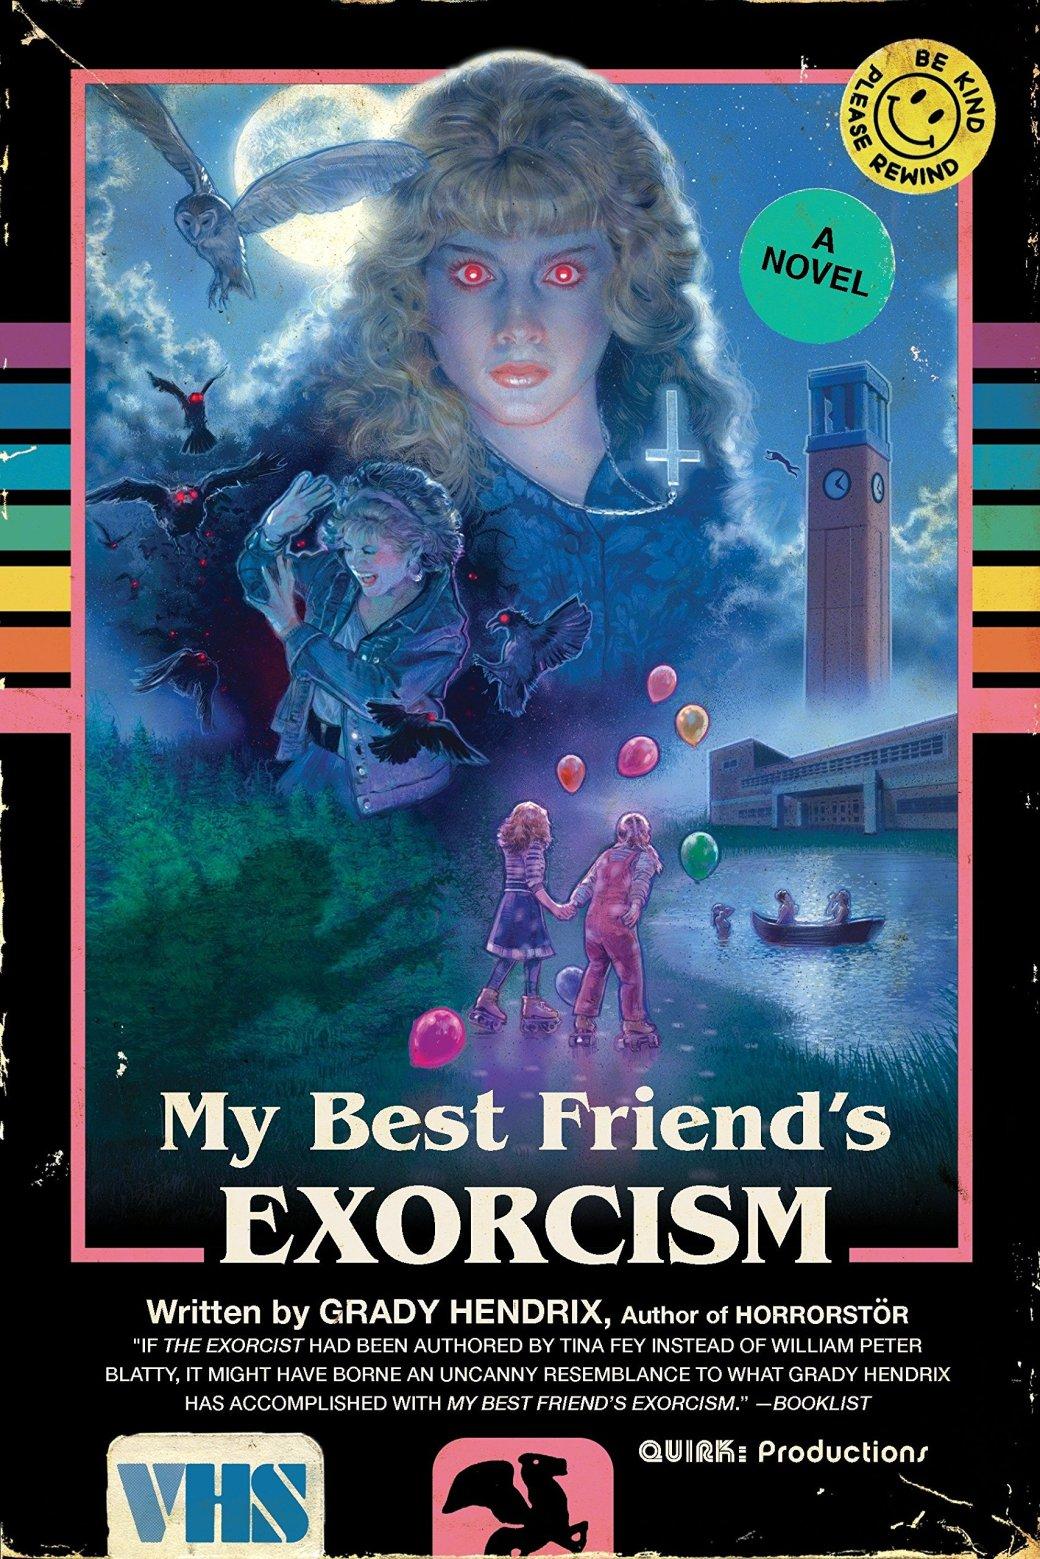 Школьный ади80-е: рецензия на«Изгнание дьявола измоей лучшей подруги»